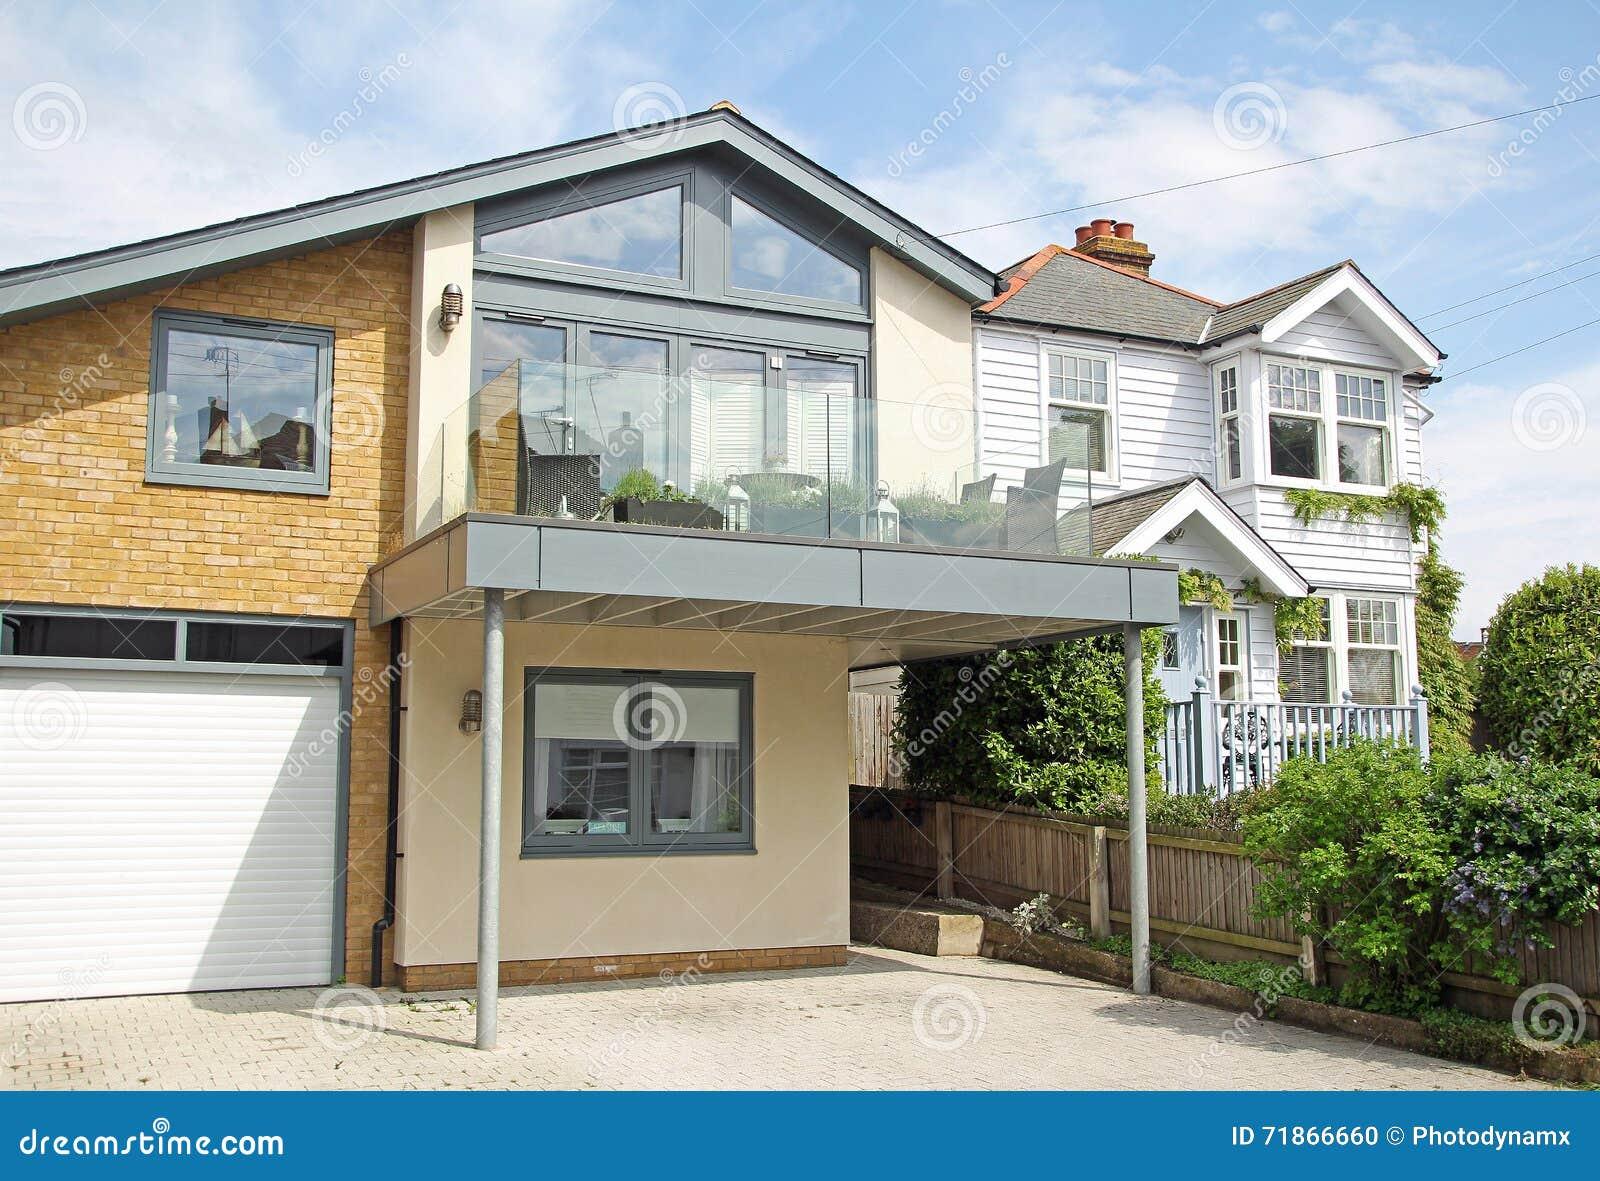 Esterni case moderne case moderne esterni casette in legno per giardino casa with esterni case - Case moderne esterni ...